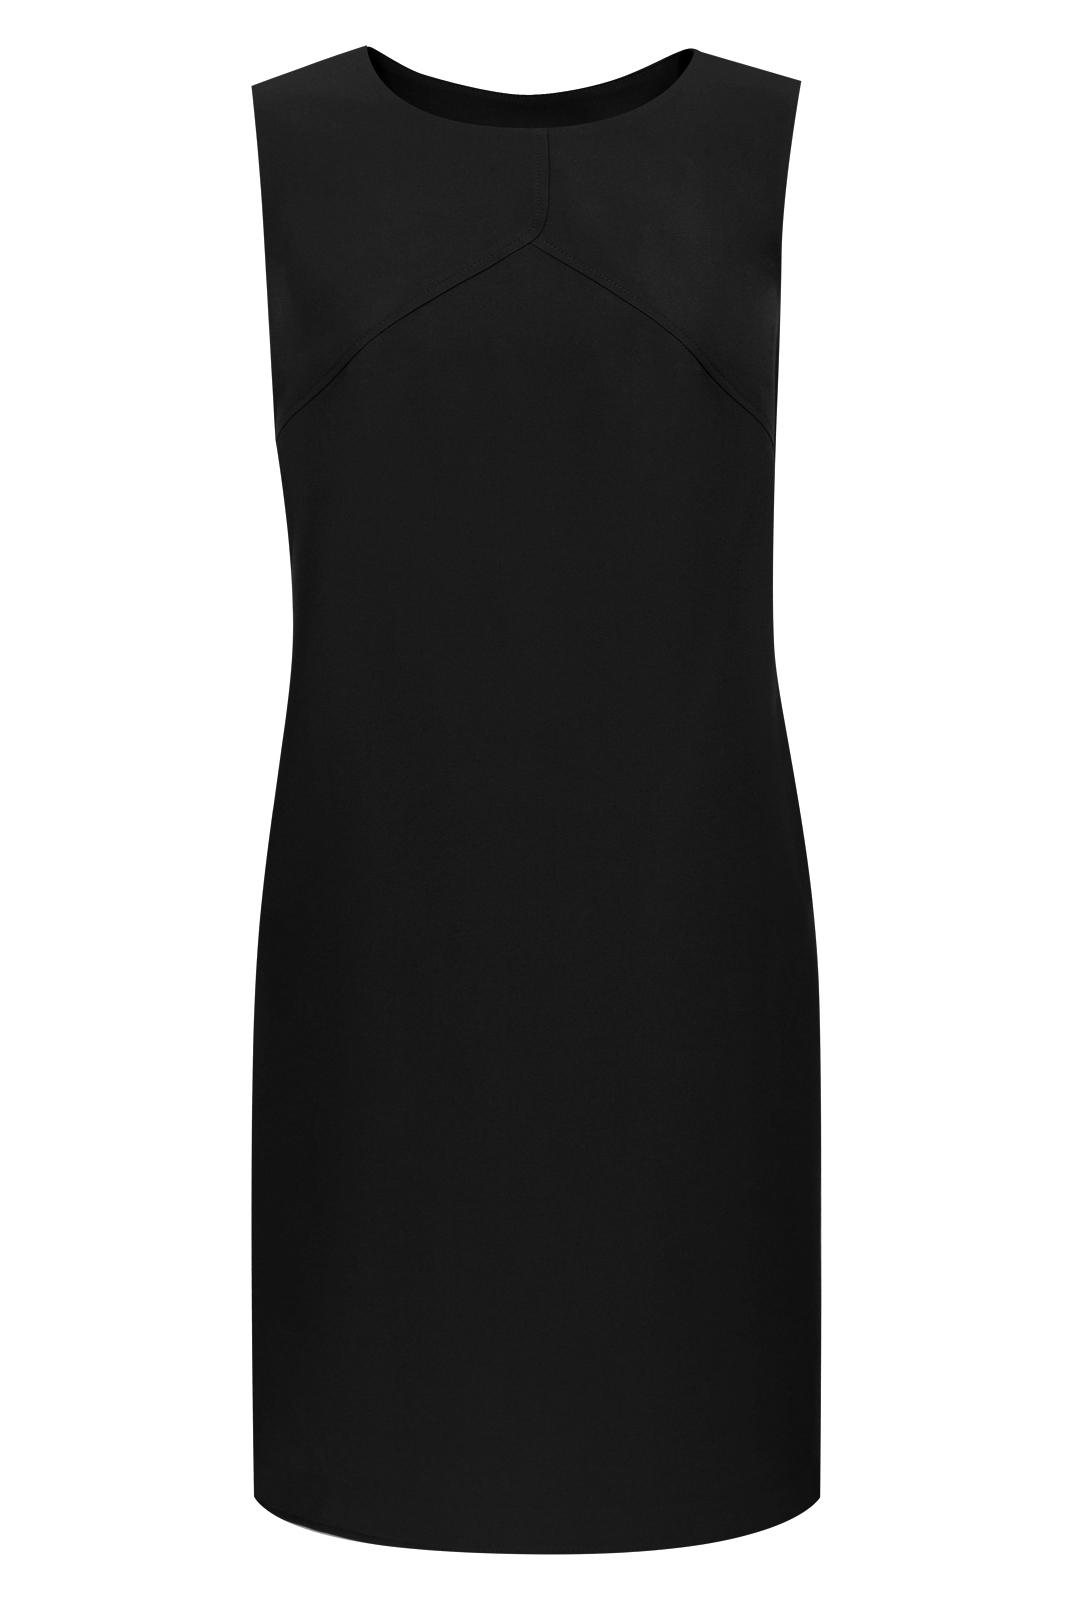 Платья Черное платье в офисном стиле 081987 184CHer081987AP_1.jpg